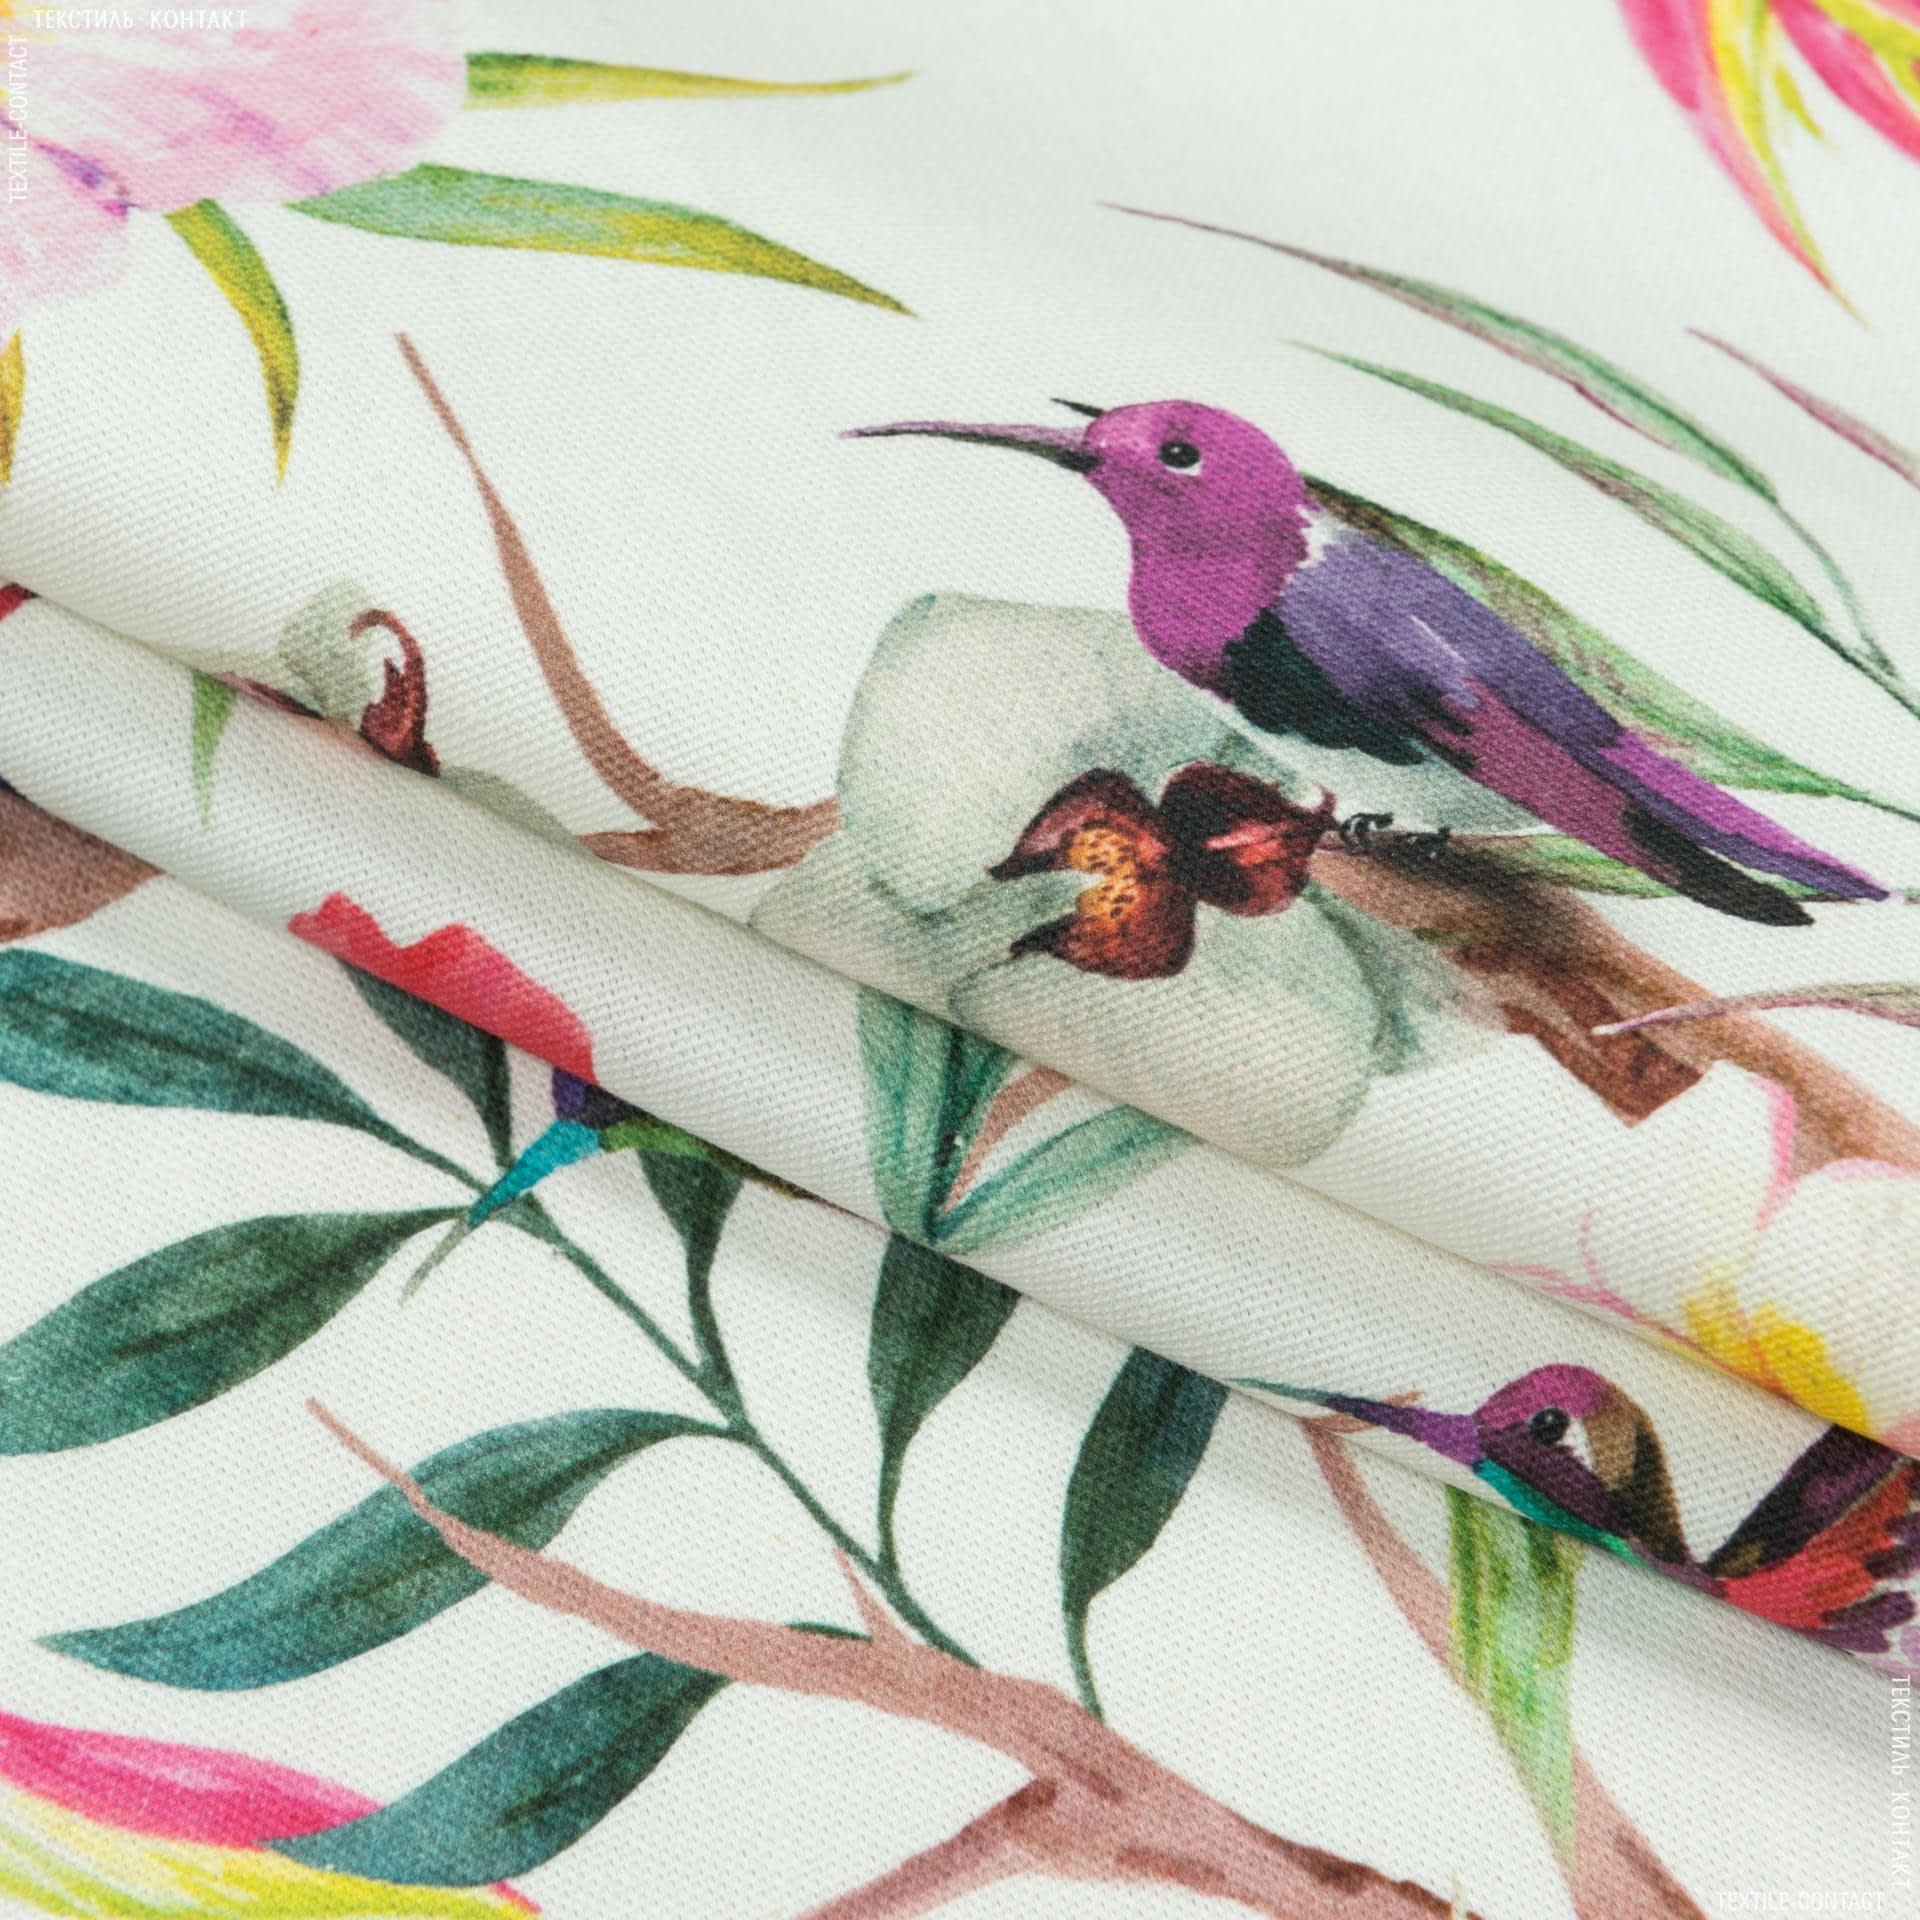 Тканини портьєрні тканини - Декоративна тканина самарканда/samarcanda колібрі, квіти рожевий